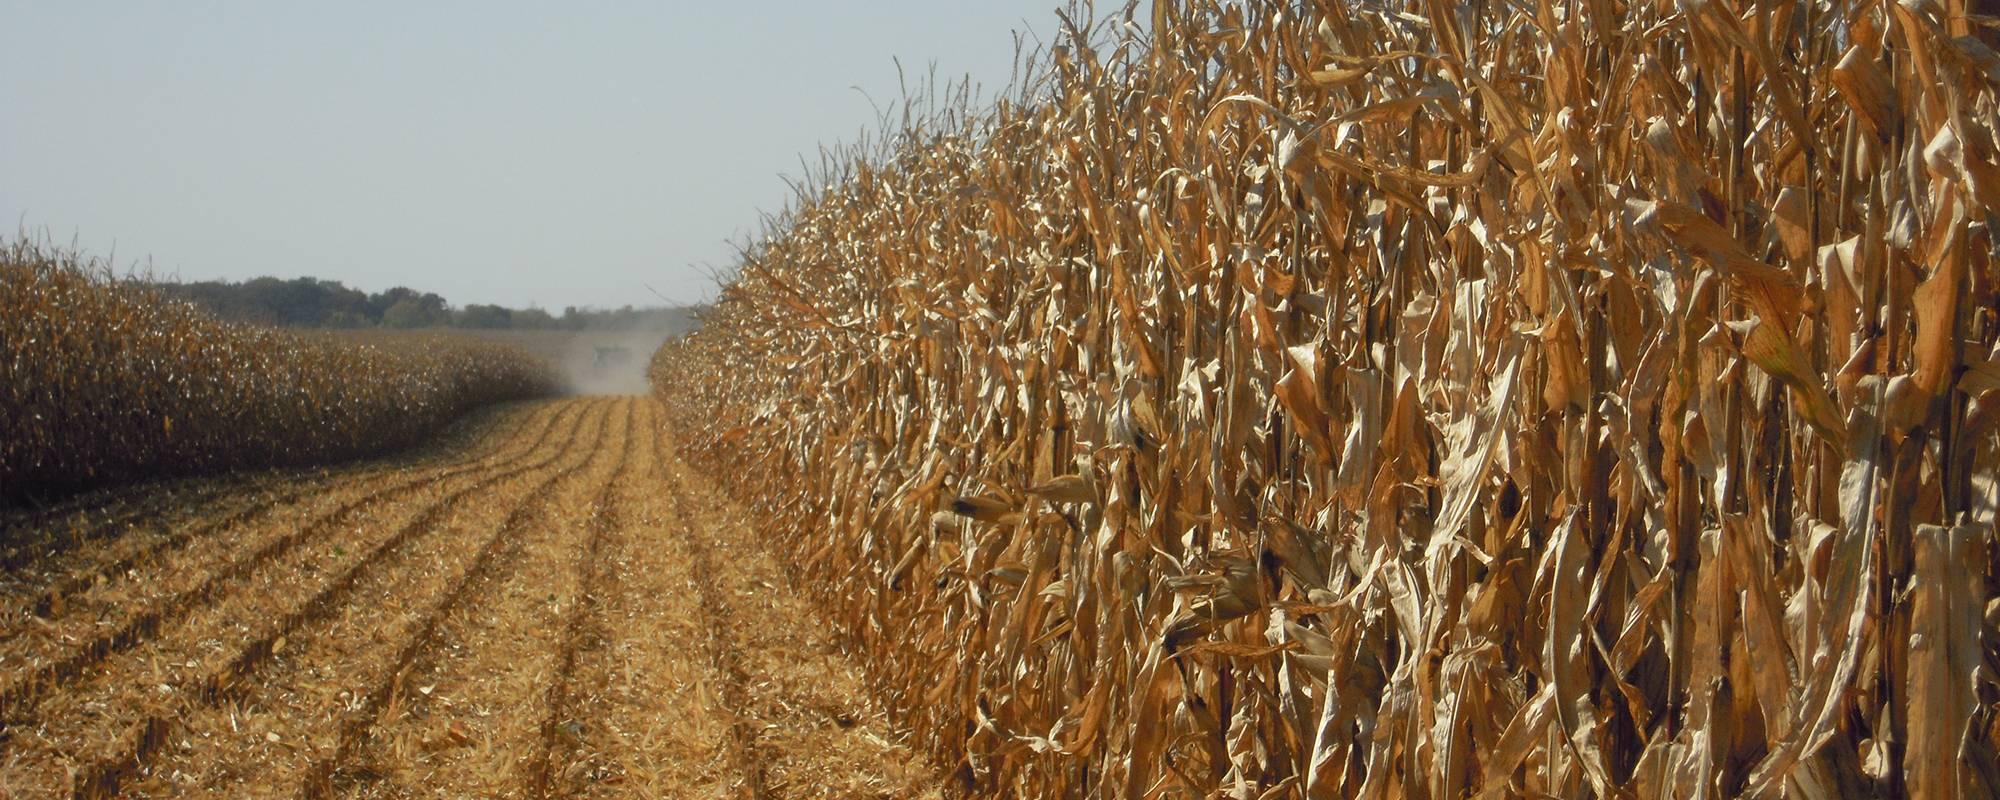 wheat sep 19